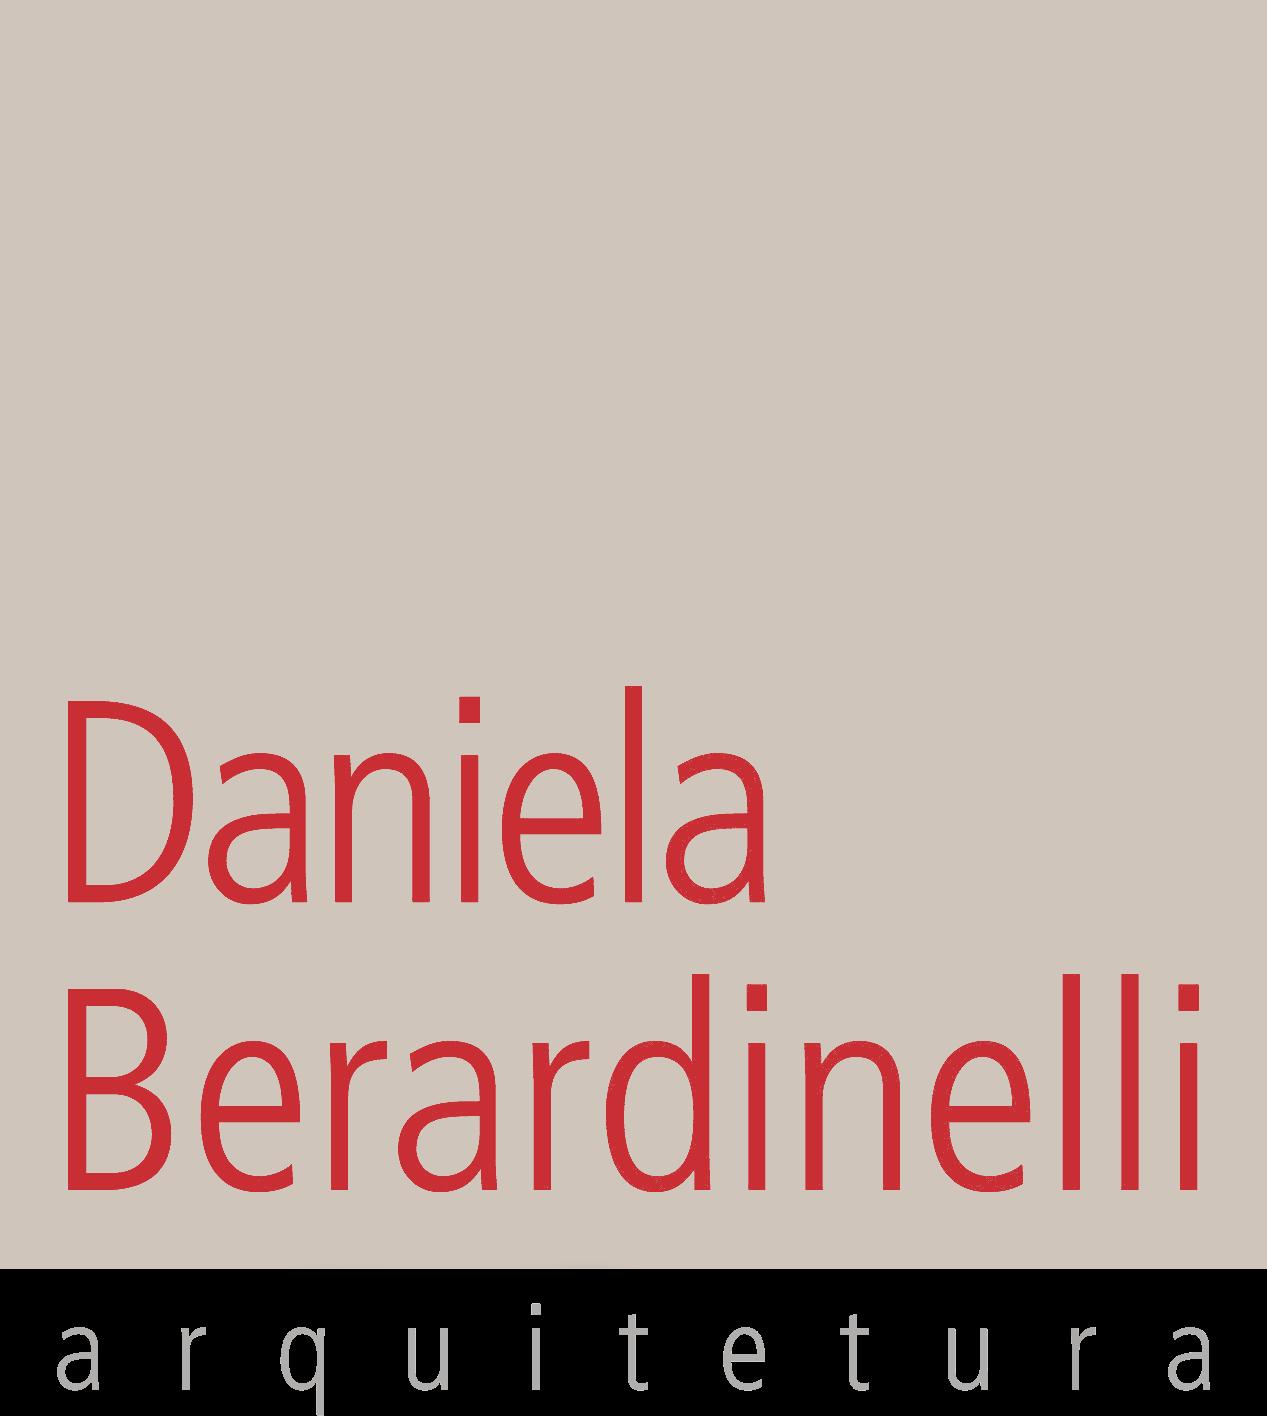 Daniela Berardinelli Arquitetura